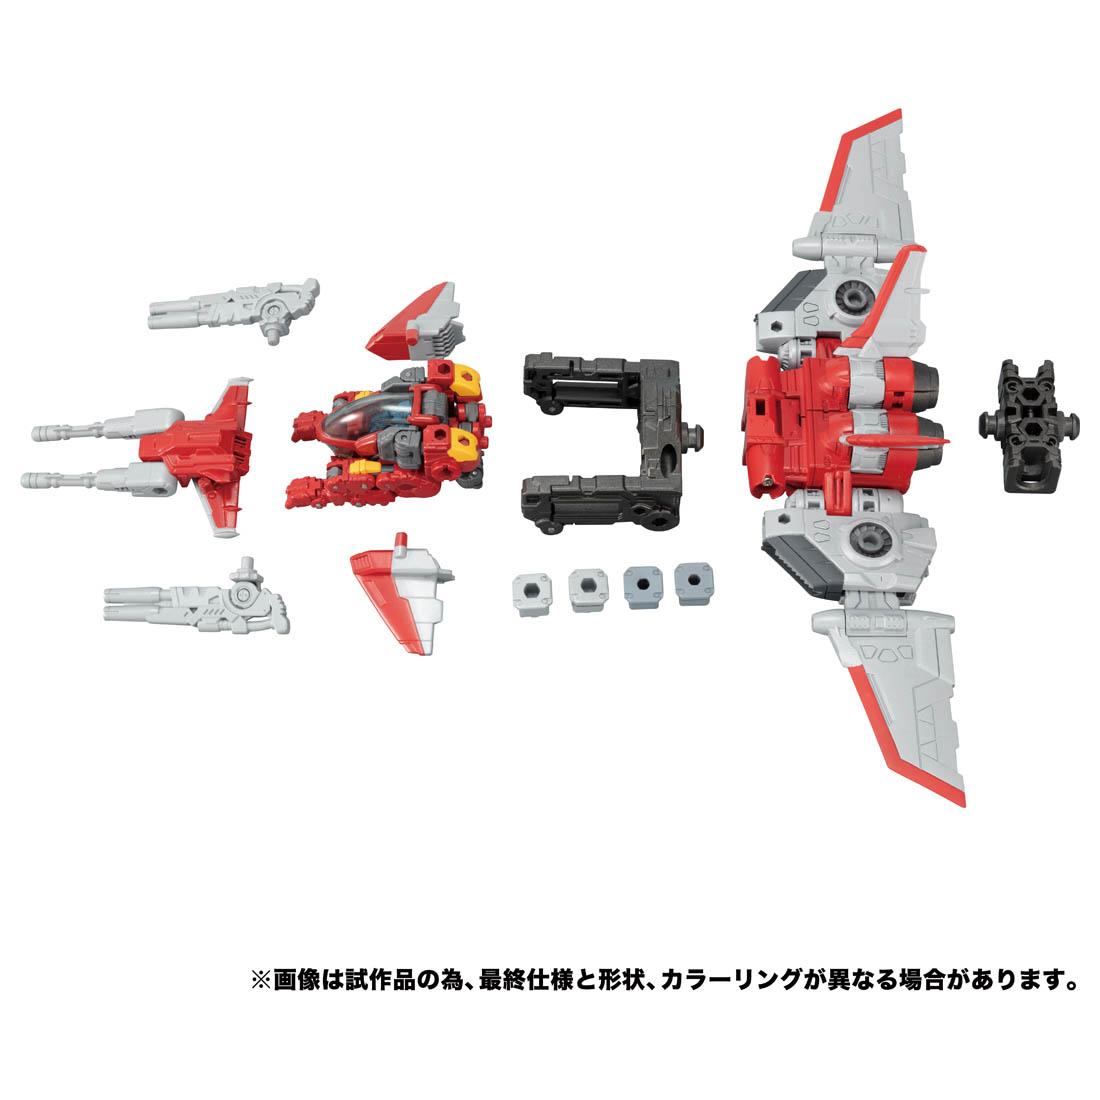 ダイアクロン『DA-52 ヴァースライザー1号』可動フィギュア-003